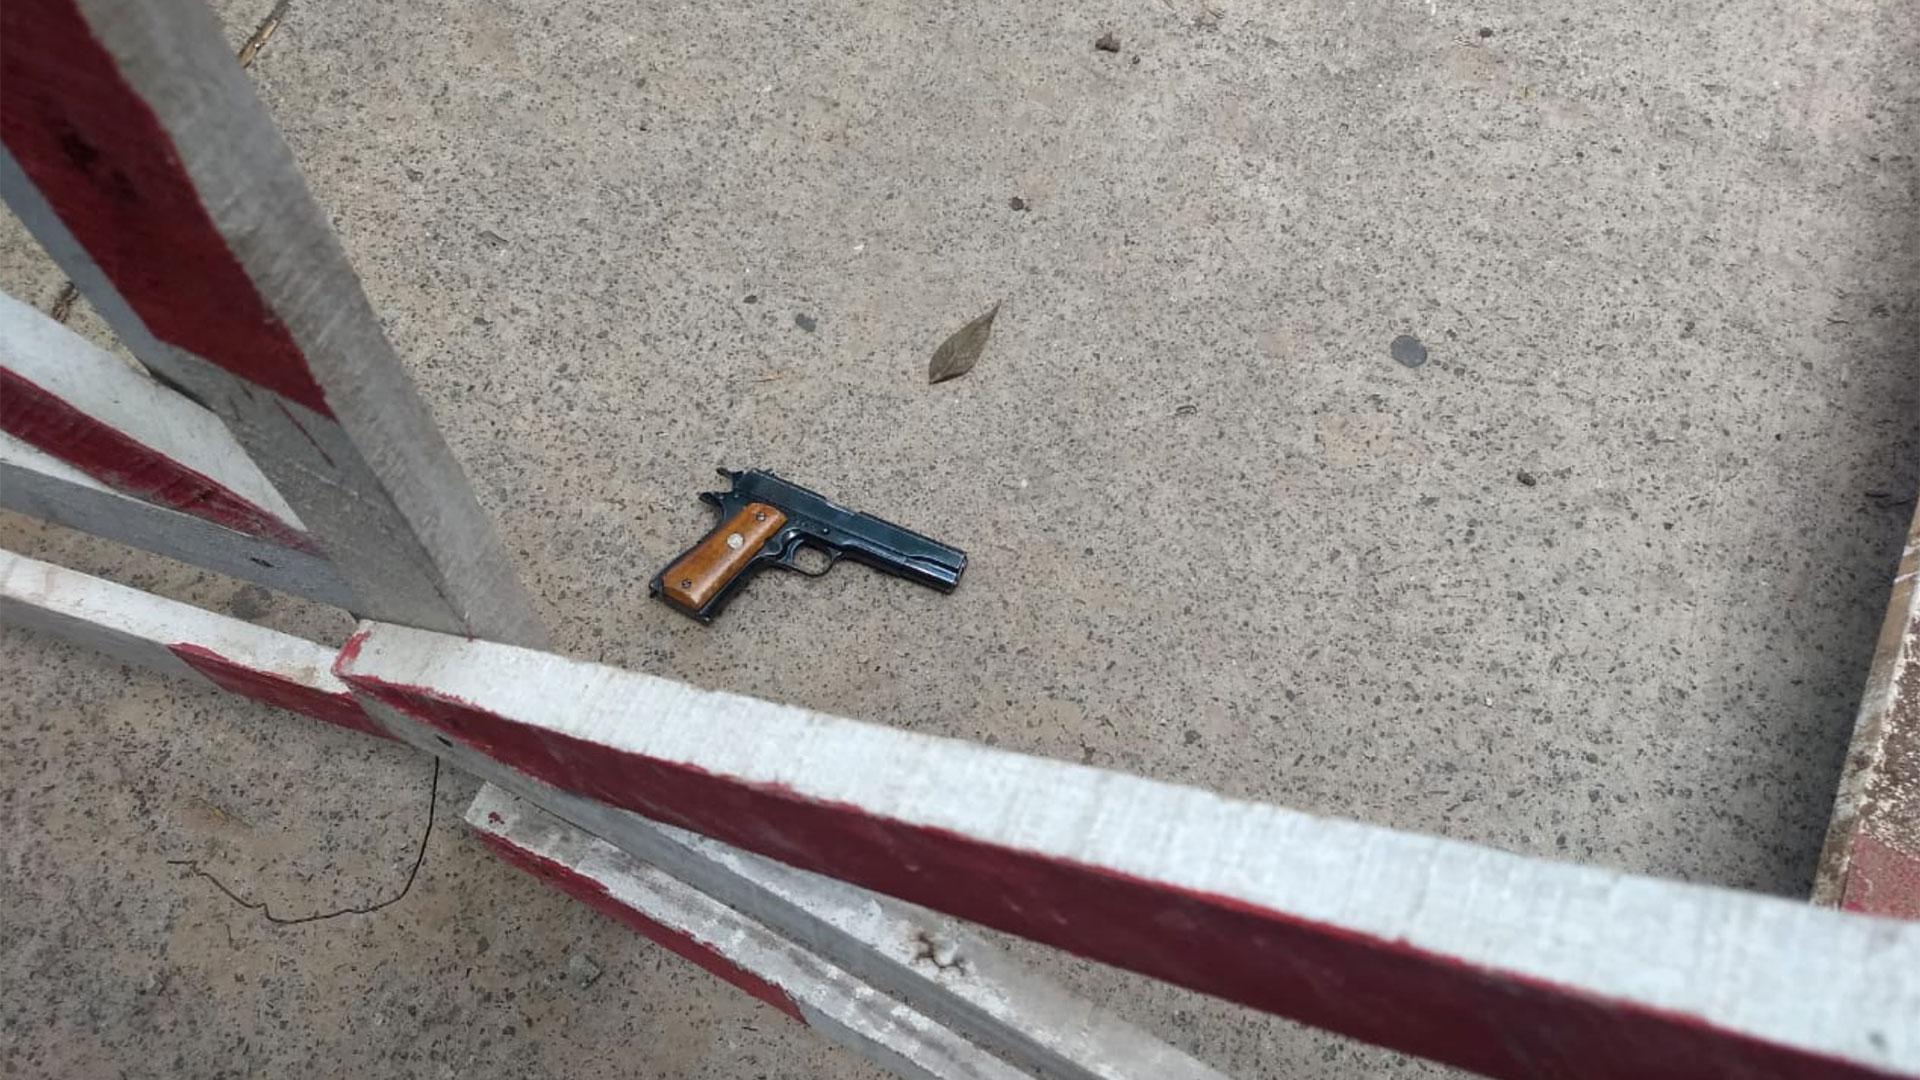 Una de las armas halladas en las inmediaciones a donde detuvieron a los delincuentes